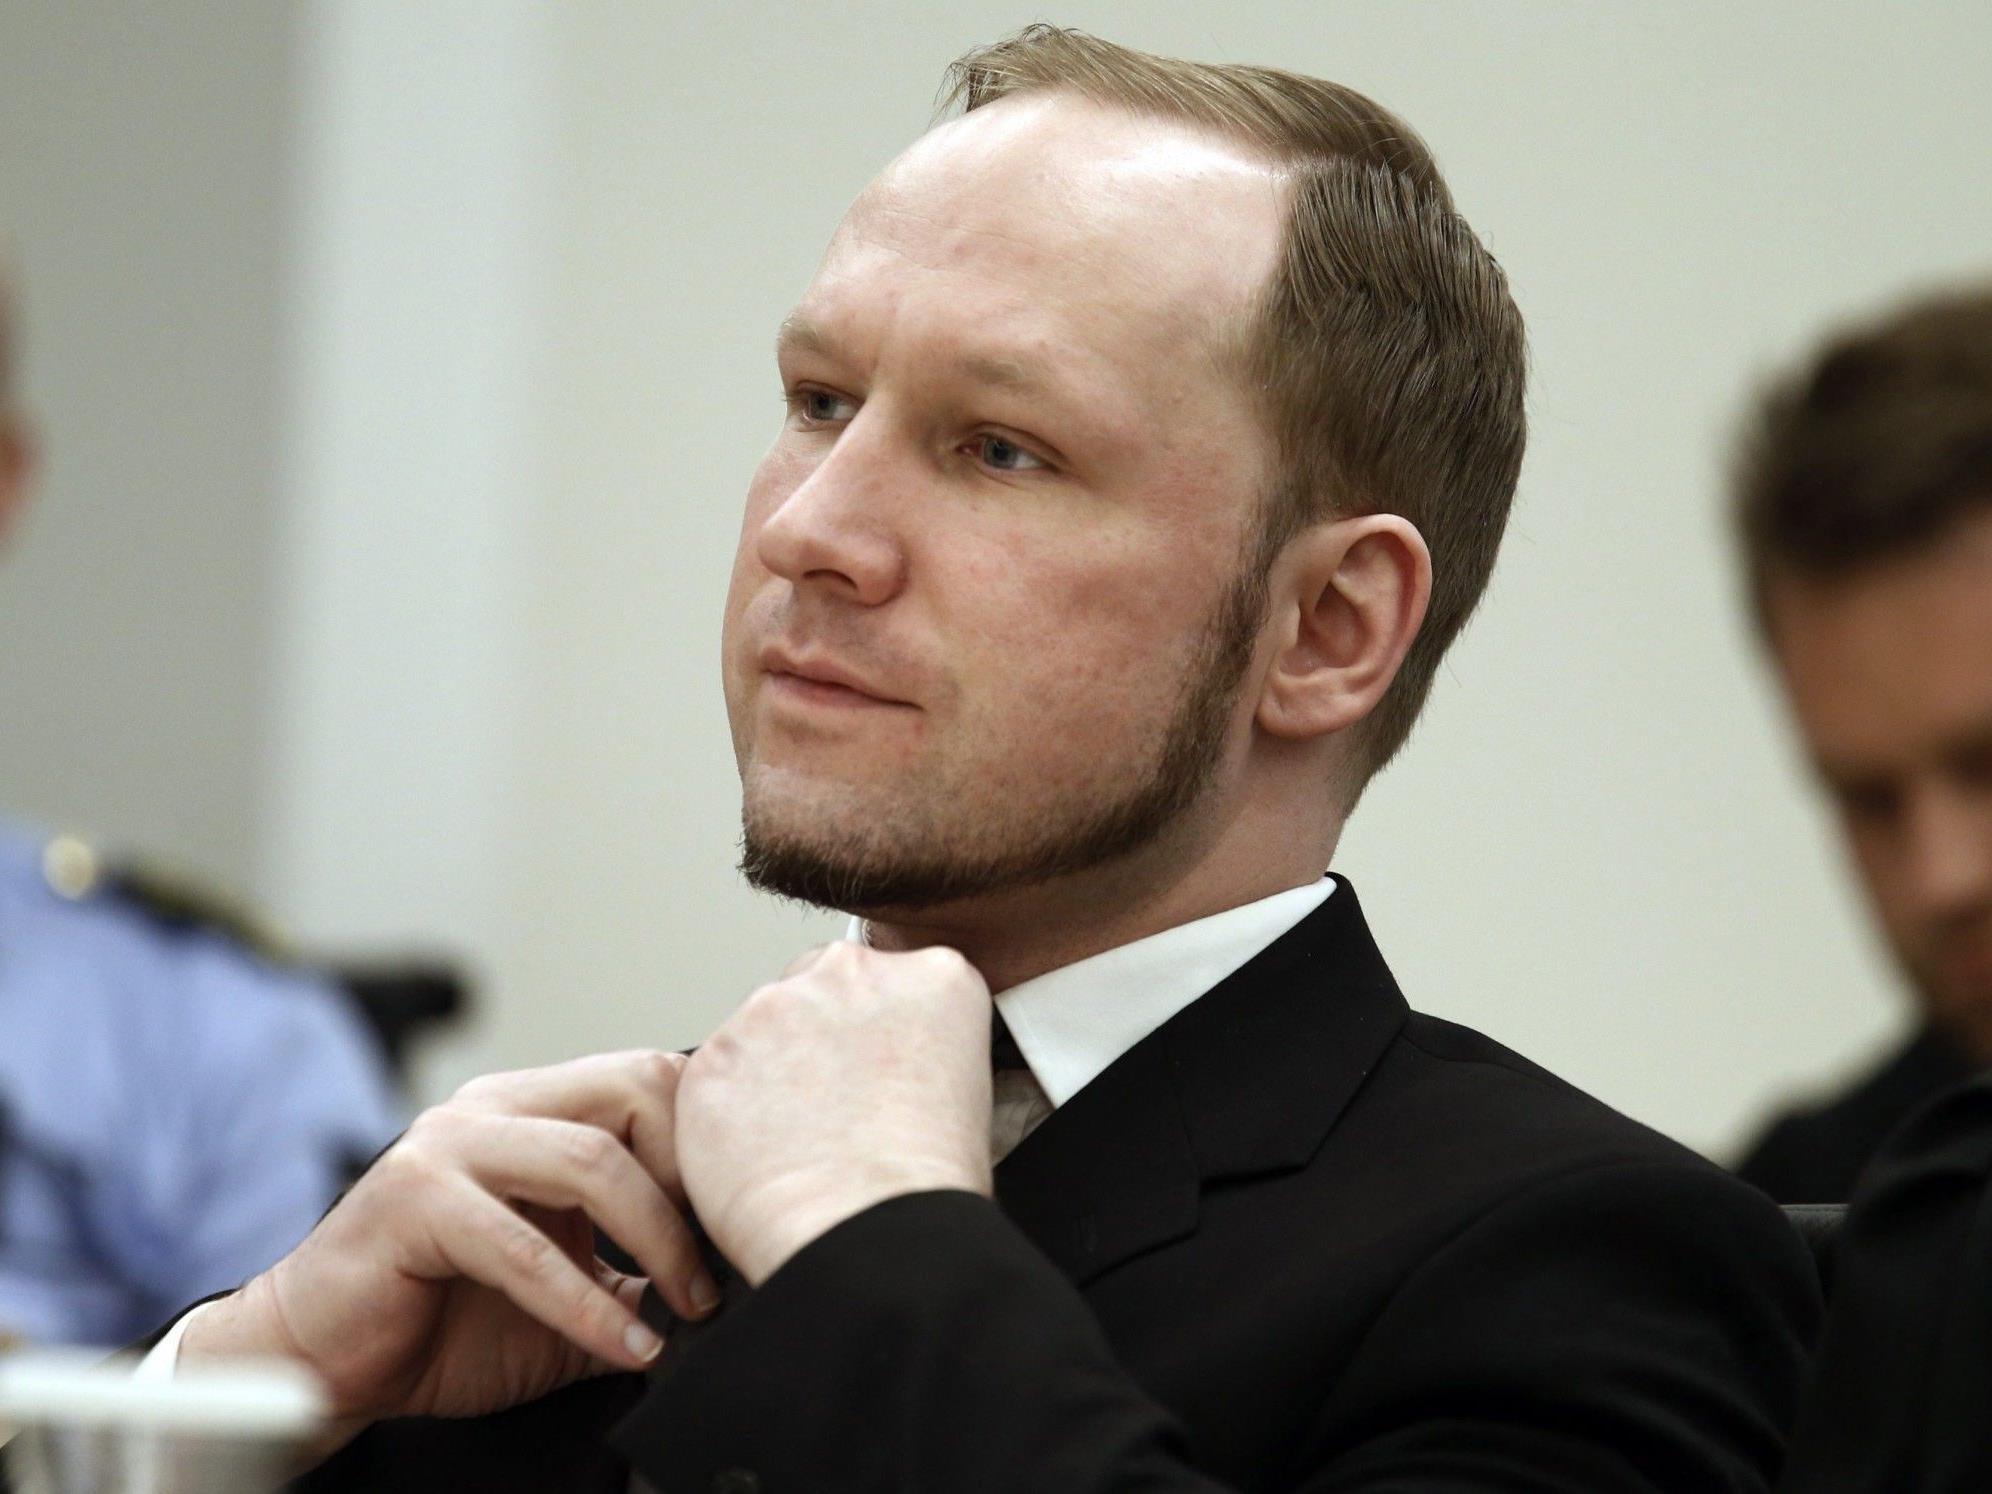 Breivik verbüßt für die Anschläge von Oslo und Utöy 21 Jahre Haft.